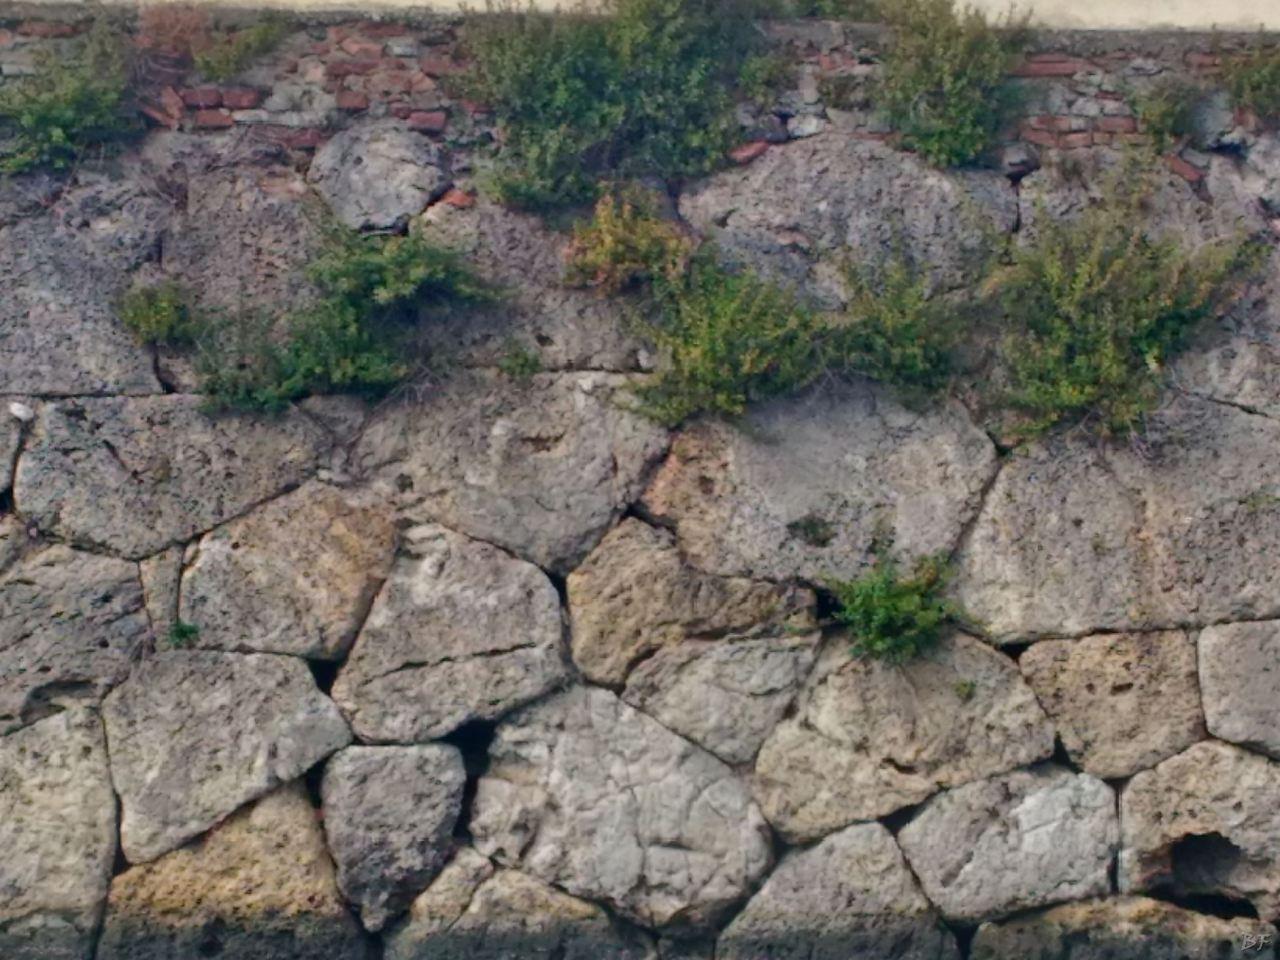 Orbetello-Mura-Poligonali-Megalitiche-Orbetello-Grosseto-Toscana-Italia-5